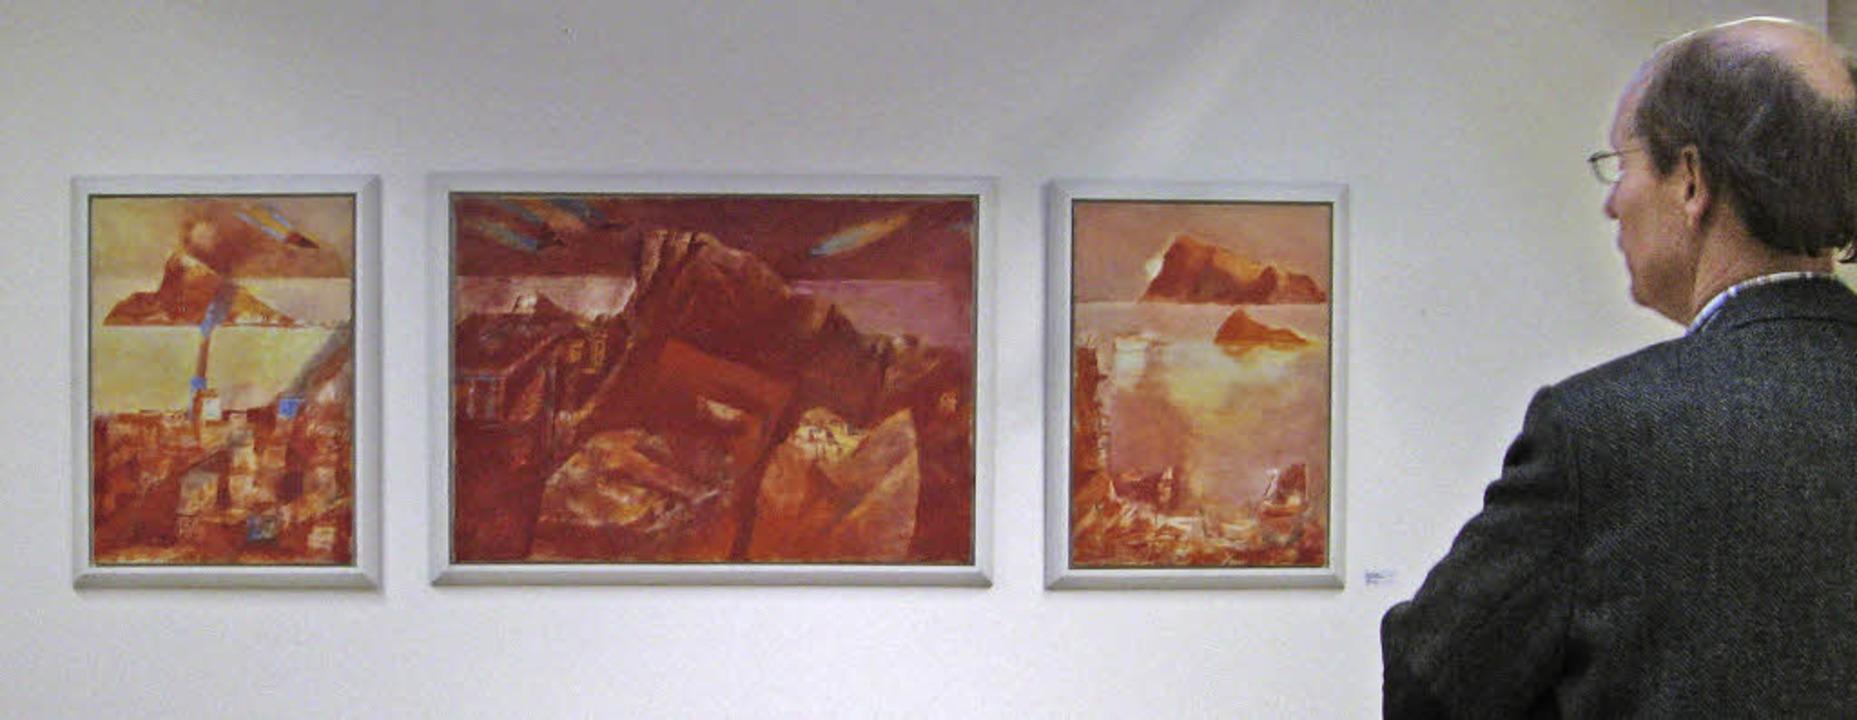 """Das Triptychon """"Patmos"""" un...in der Ausstellung in Bernau zu sehen.    Foto: Ulrike Spiegelhalter"""